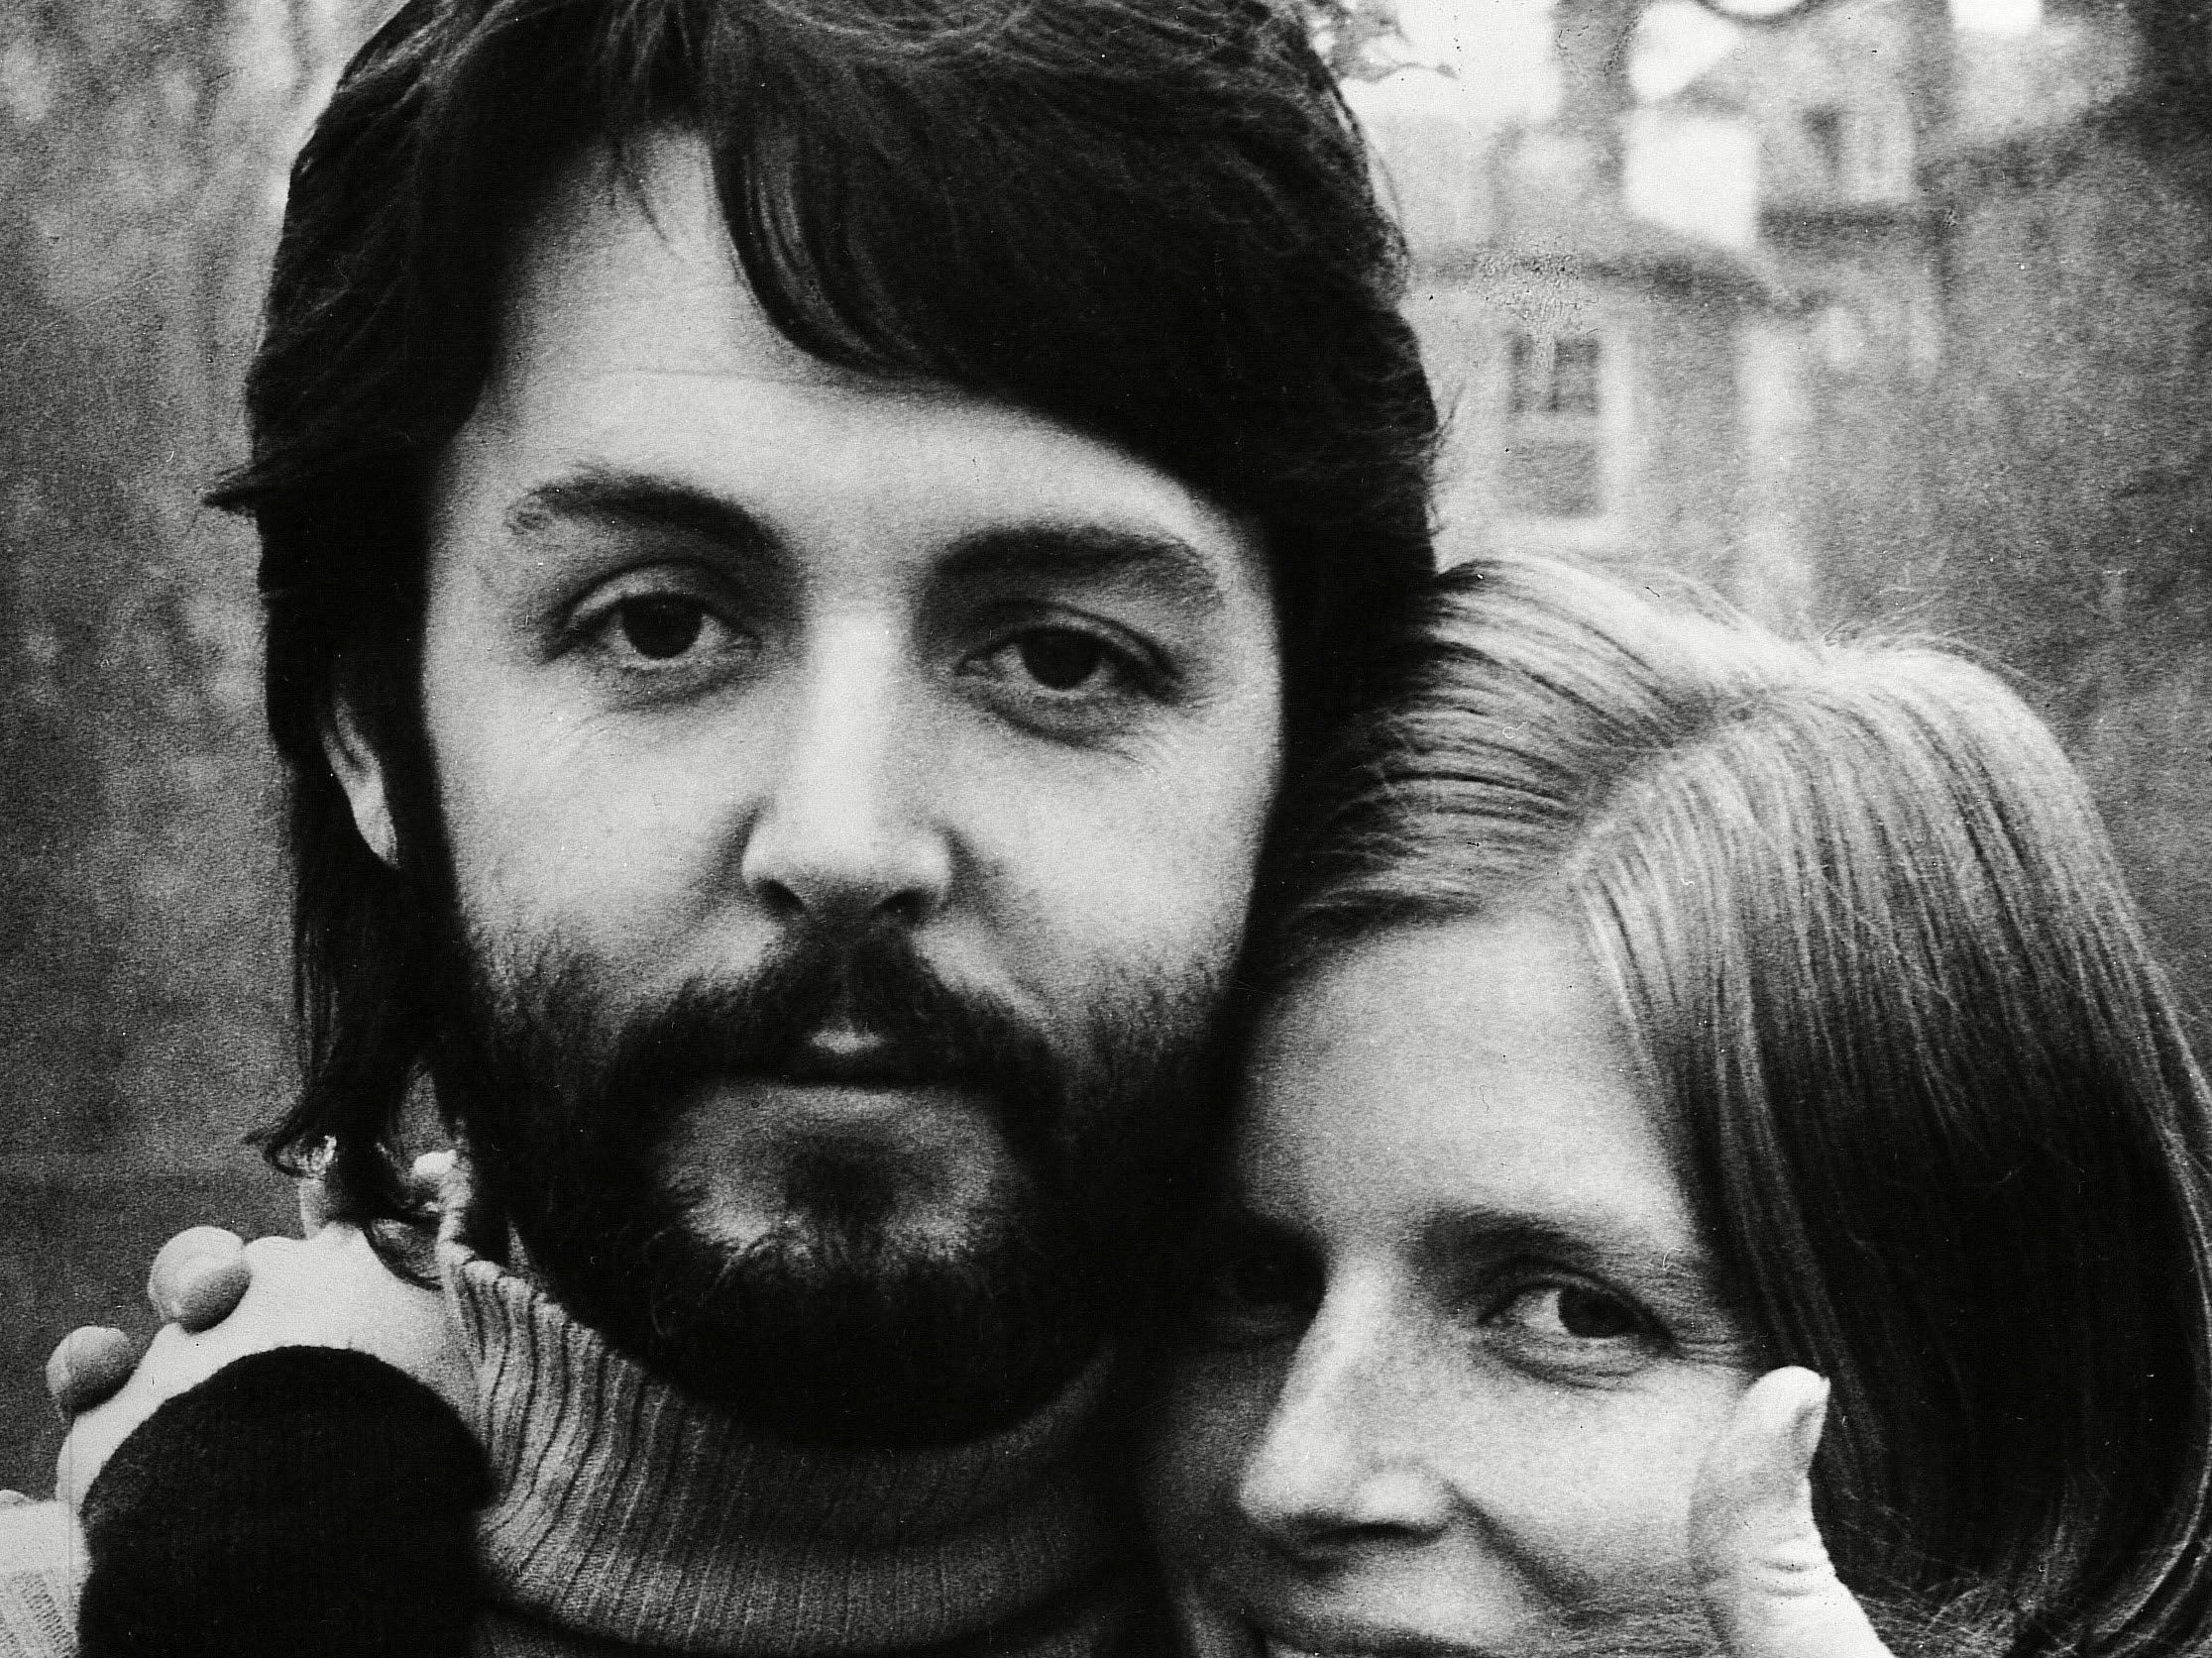 Paul McCartney's 20 best post-Beatles songs